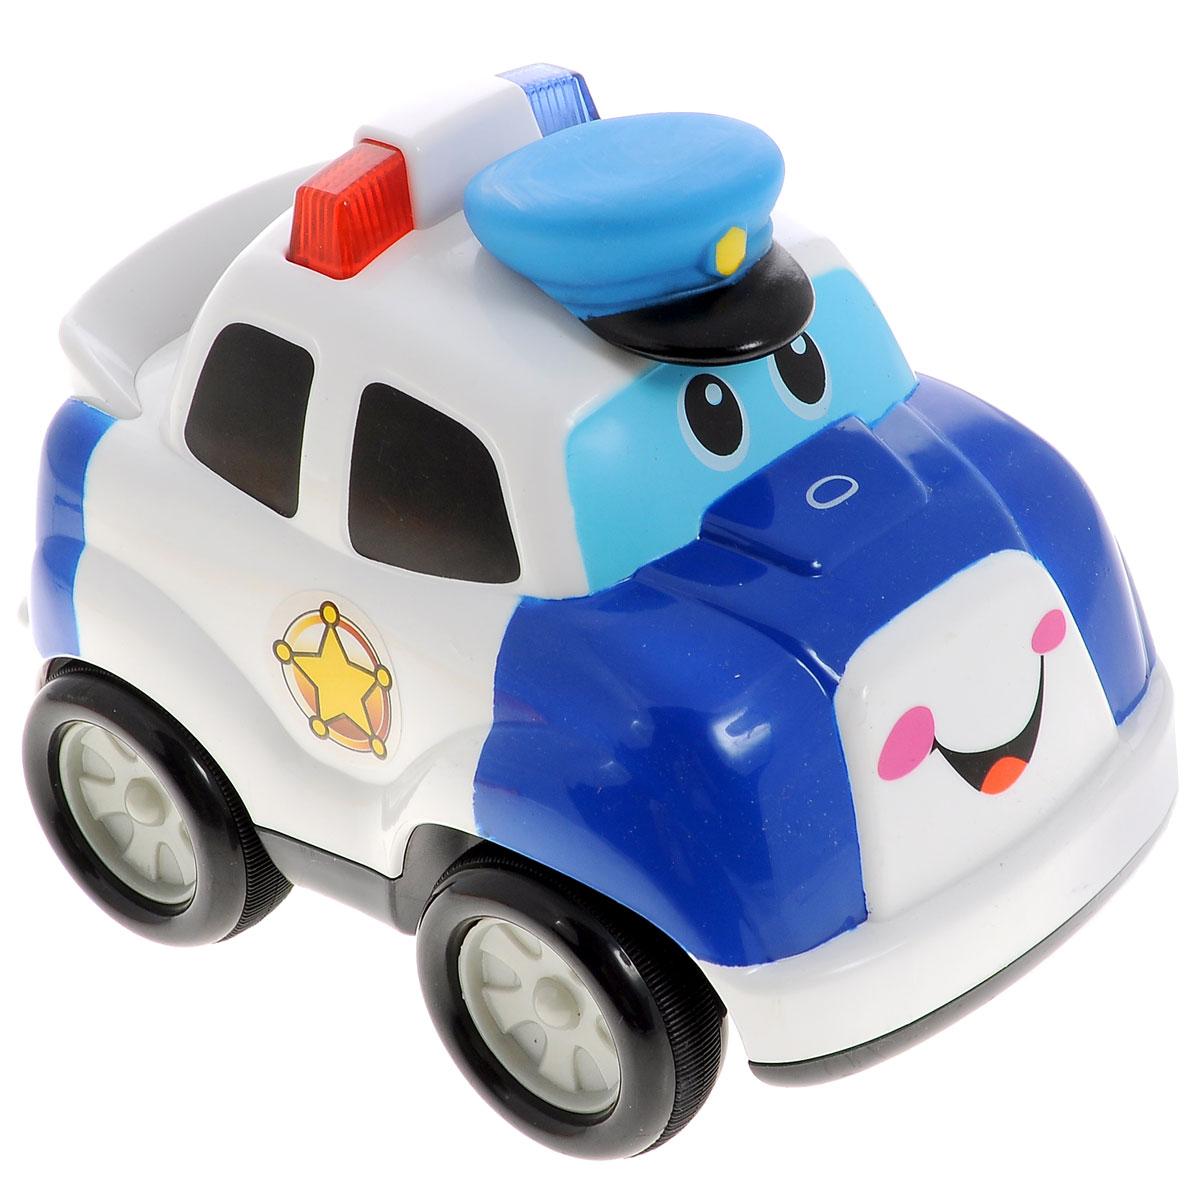 Kiddieland Развивающая игрушка Полицейский автомобиль